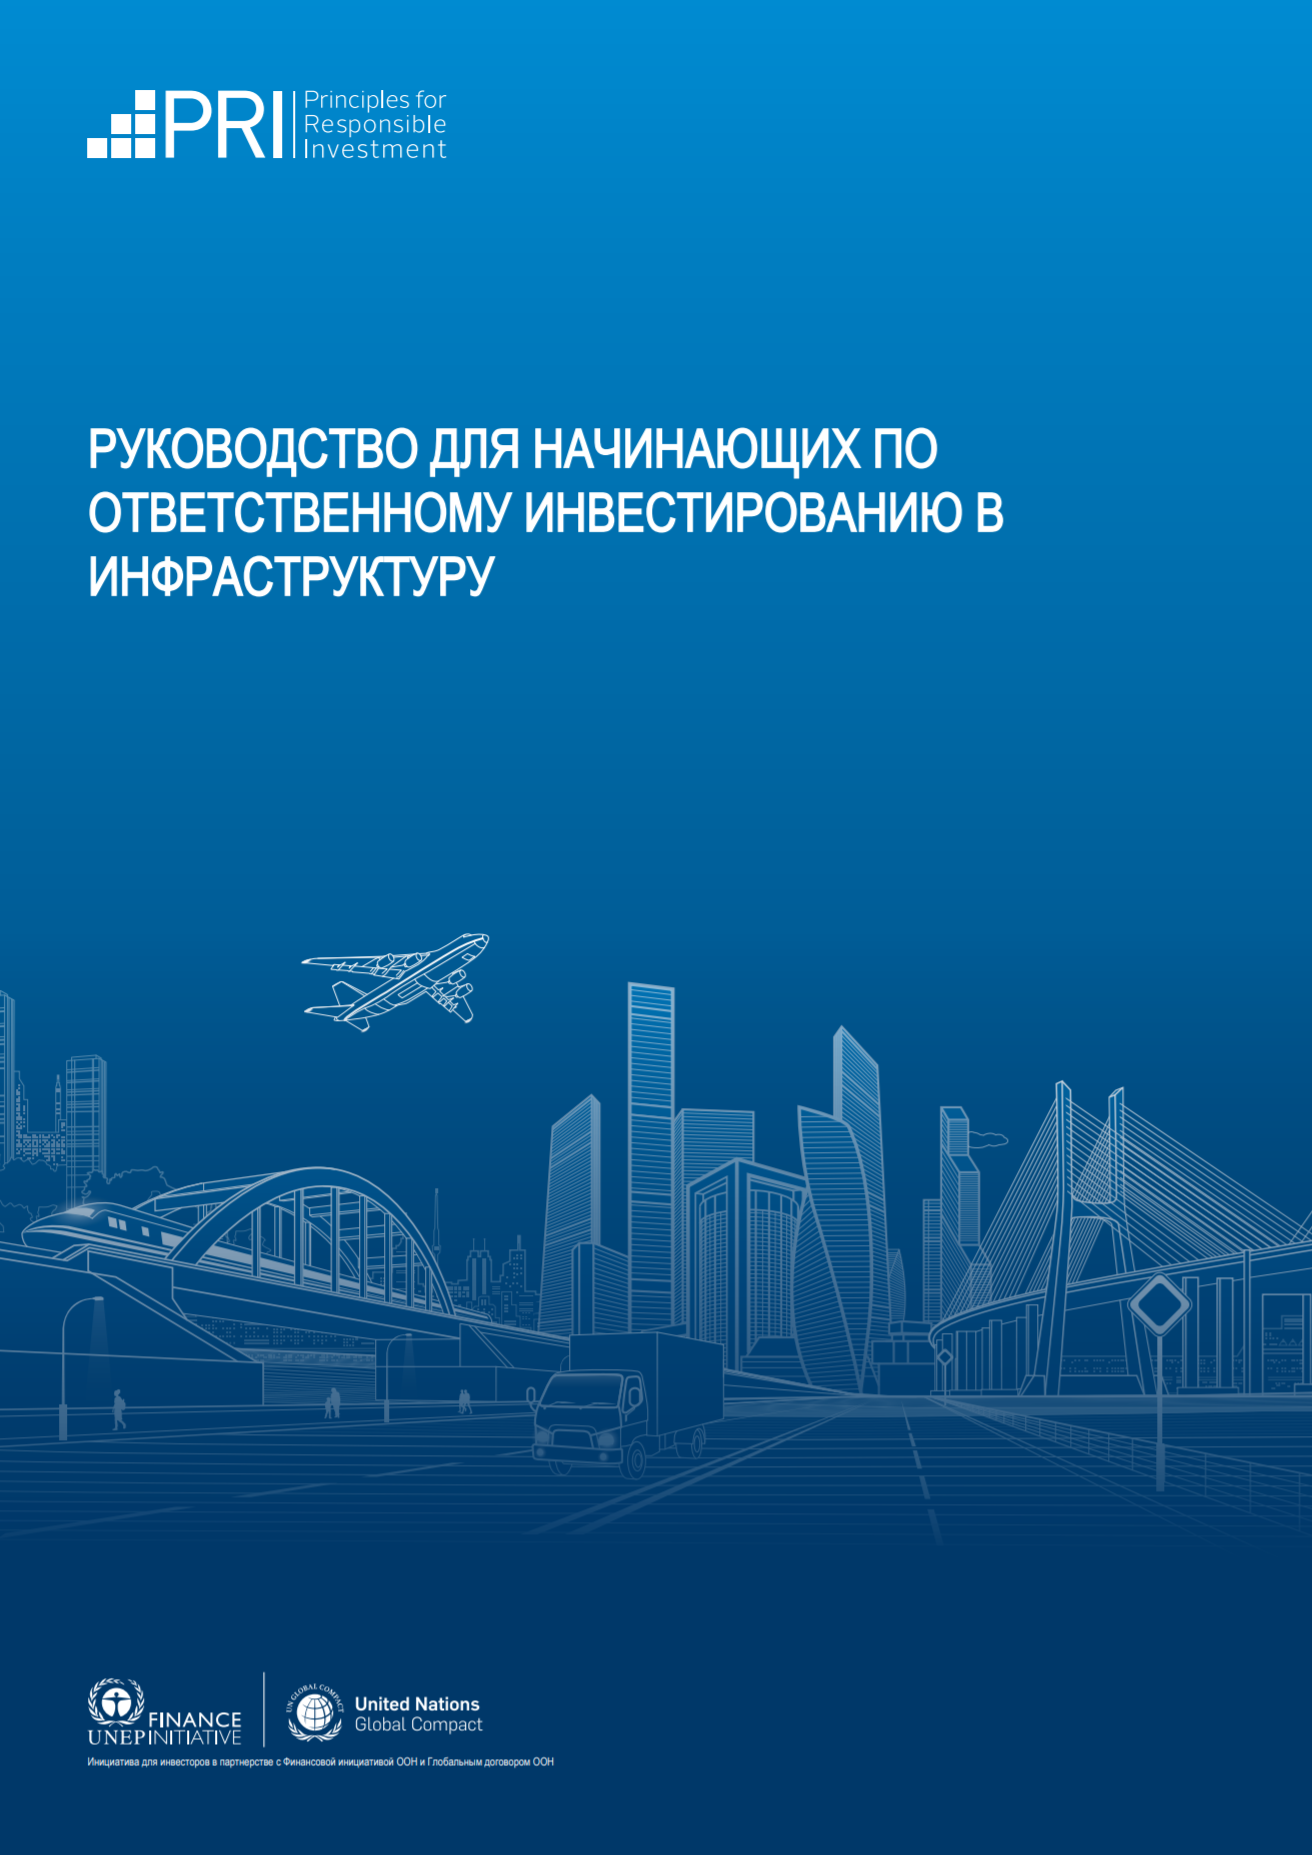 Руководство PRI по ответственному инвестированию в инфраструктуру